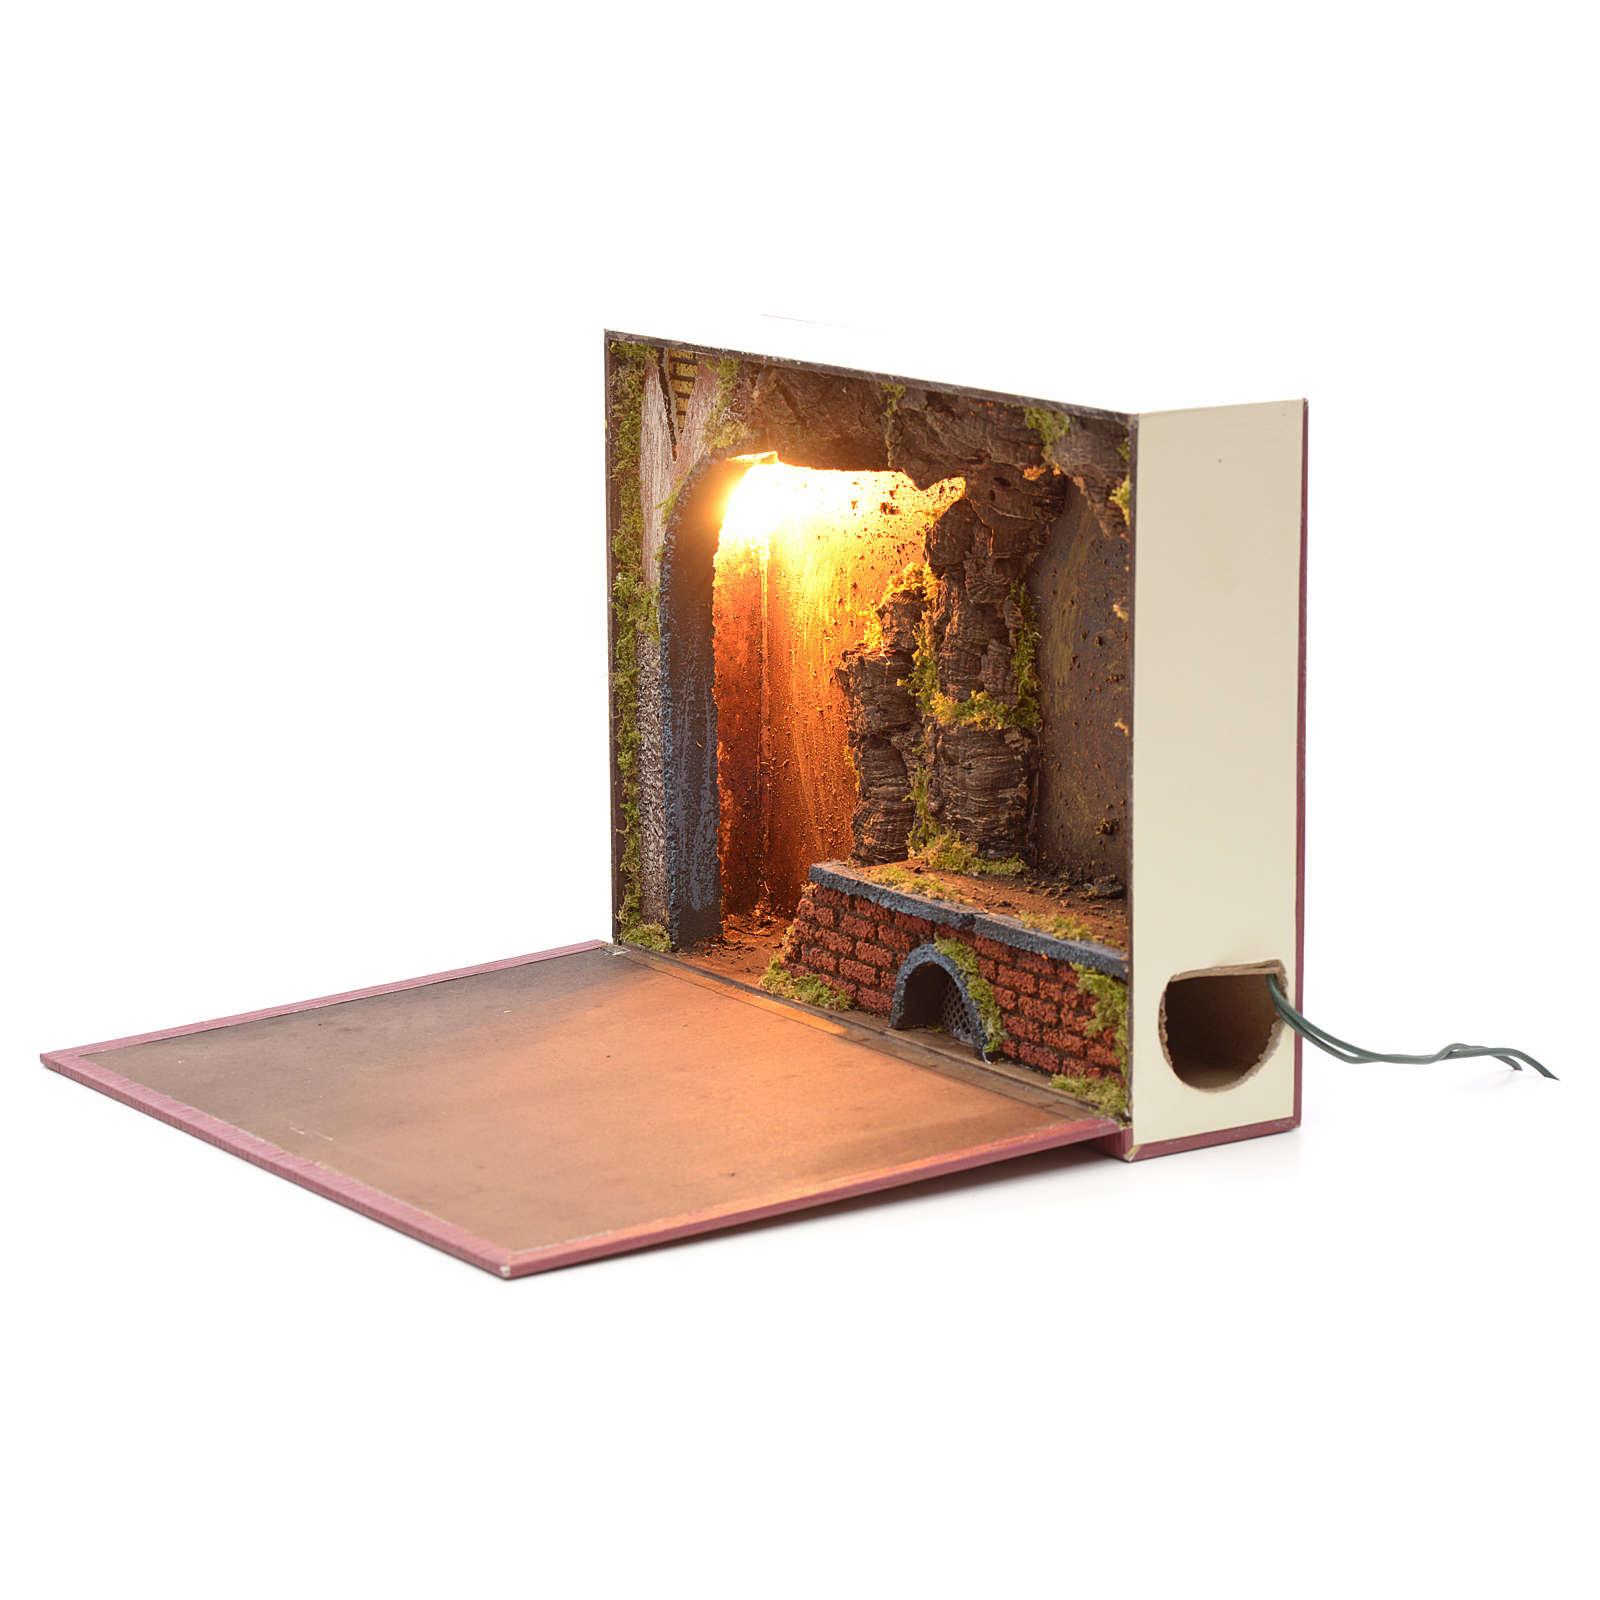 Grotta illuminata per presepe in libro 24x30x8 cm 4